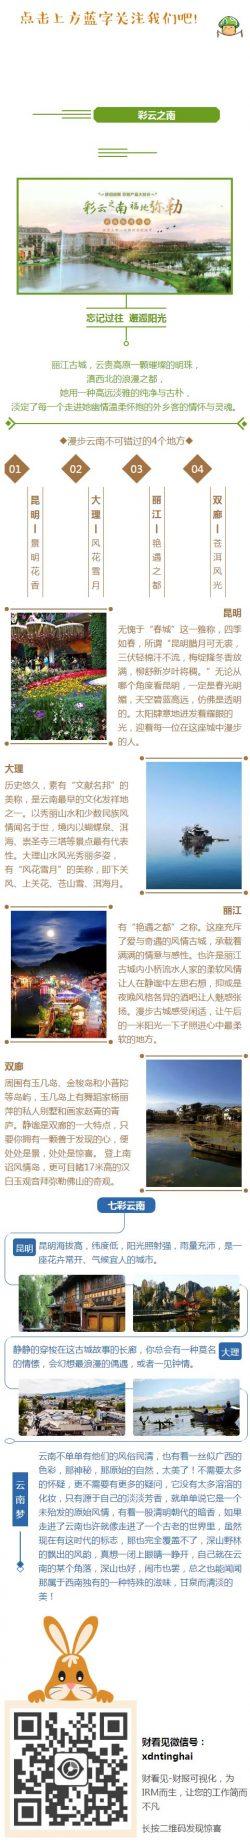 旅游景点,景区介绍,云南地方景区介绍模板旅行社微信公众号文章模板